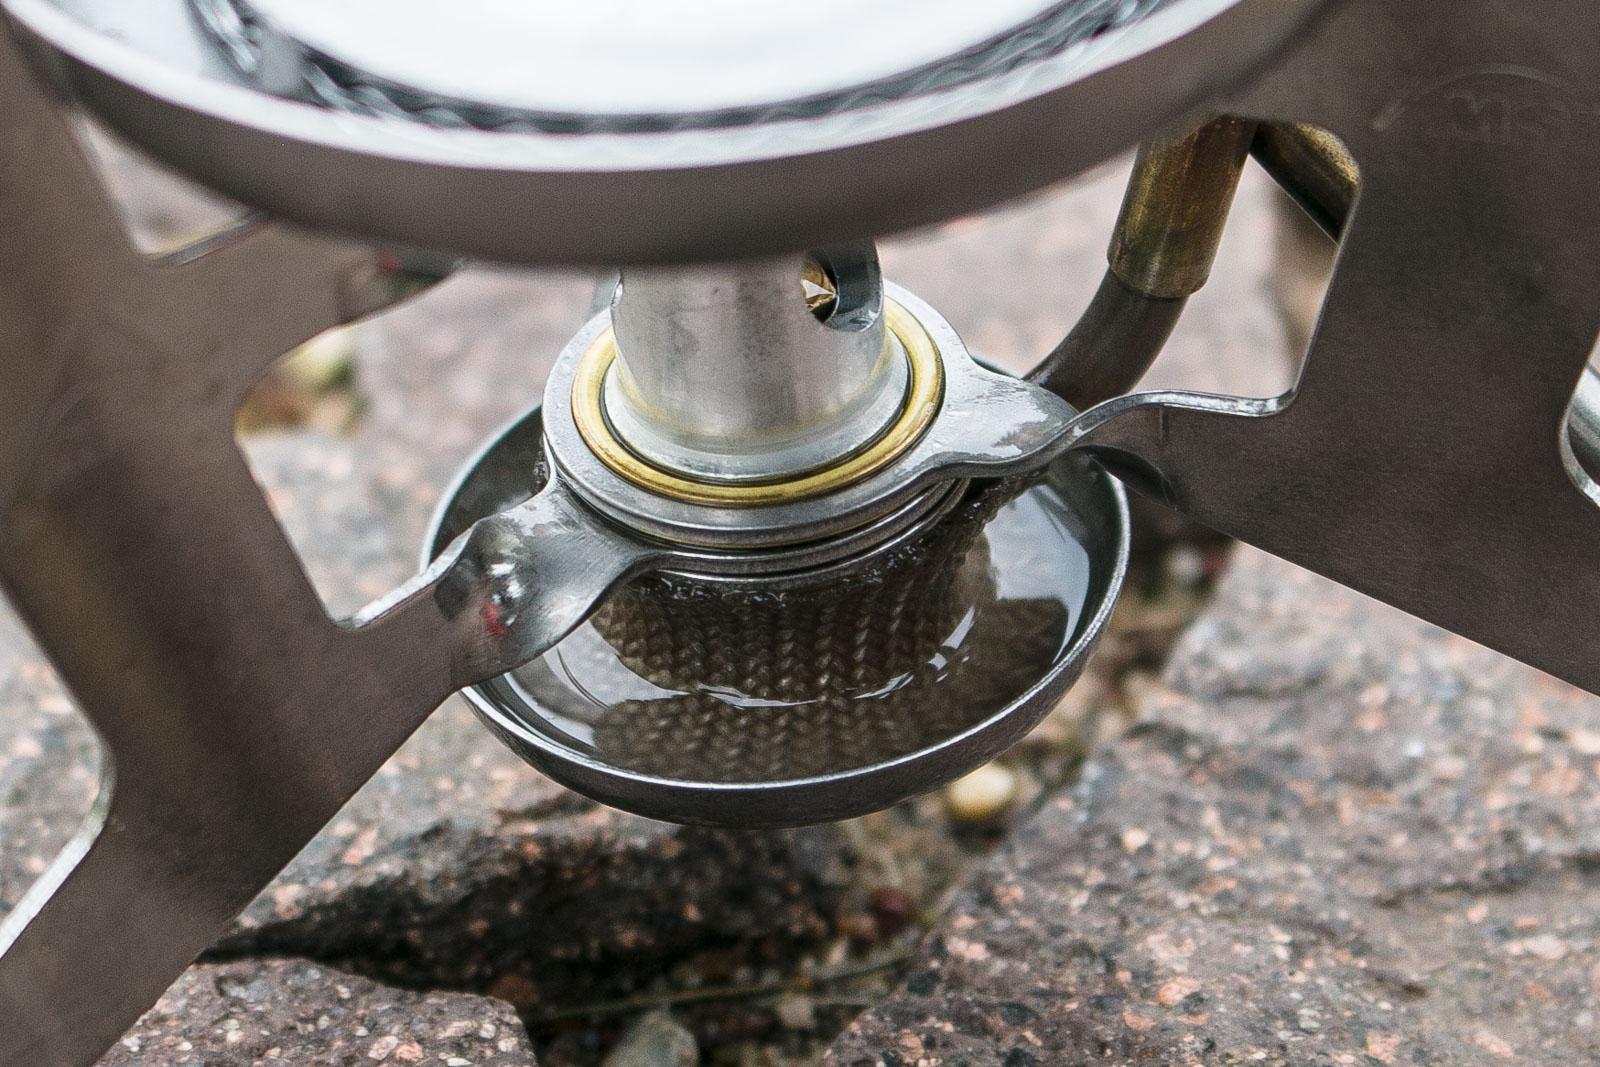 Der Ring unter dem Kocher muss ein wenig mit Benzin befüllt werden. Dieses muss abrennen um den Kocher vorzuwärmen.